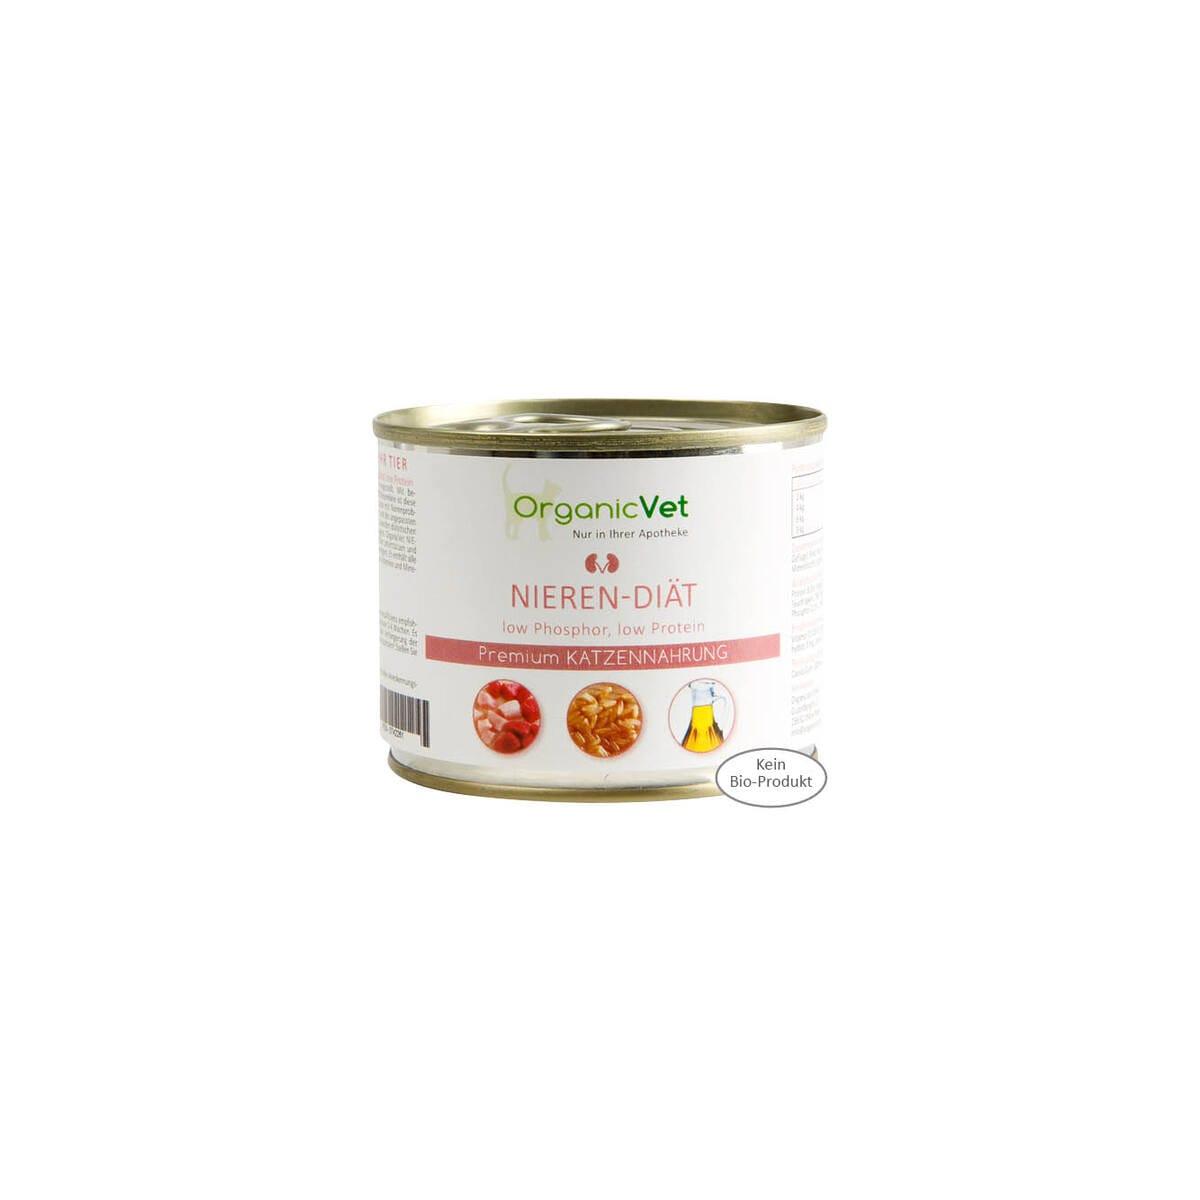 Organicvet Nieren Diat 6 X 200g Null